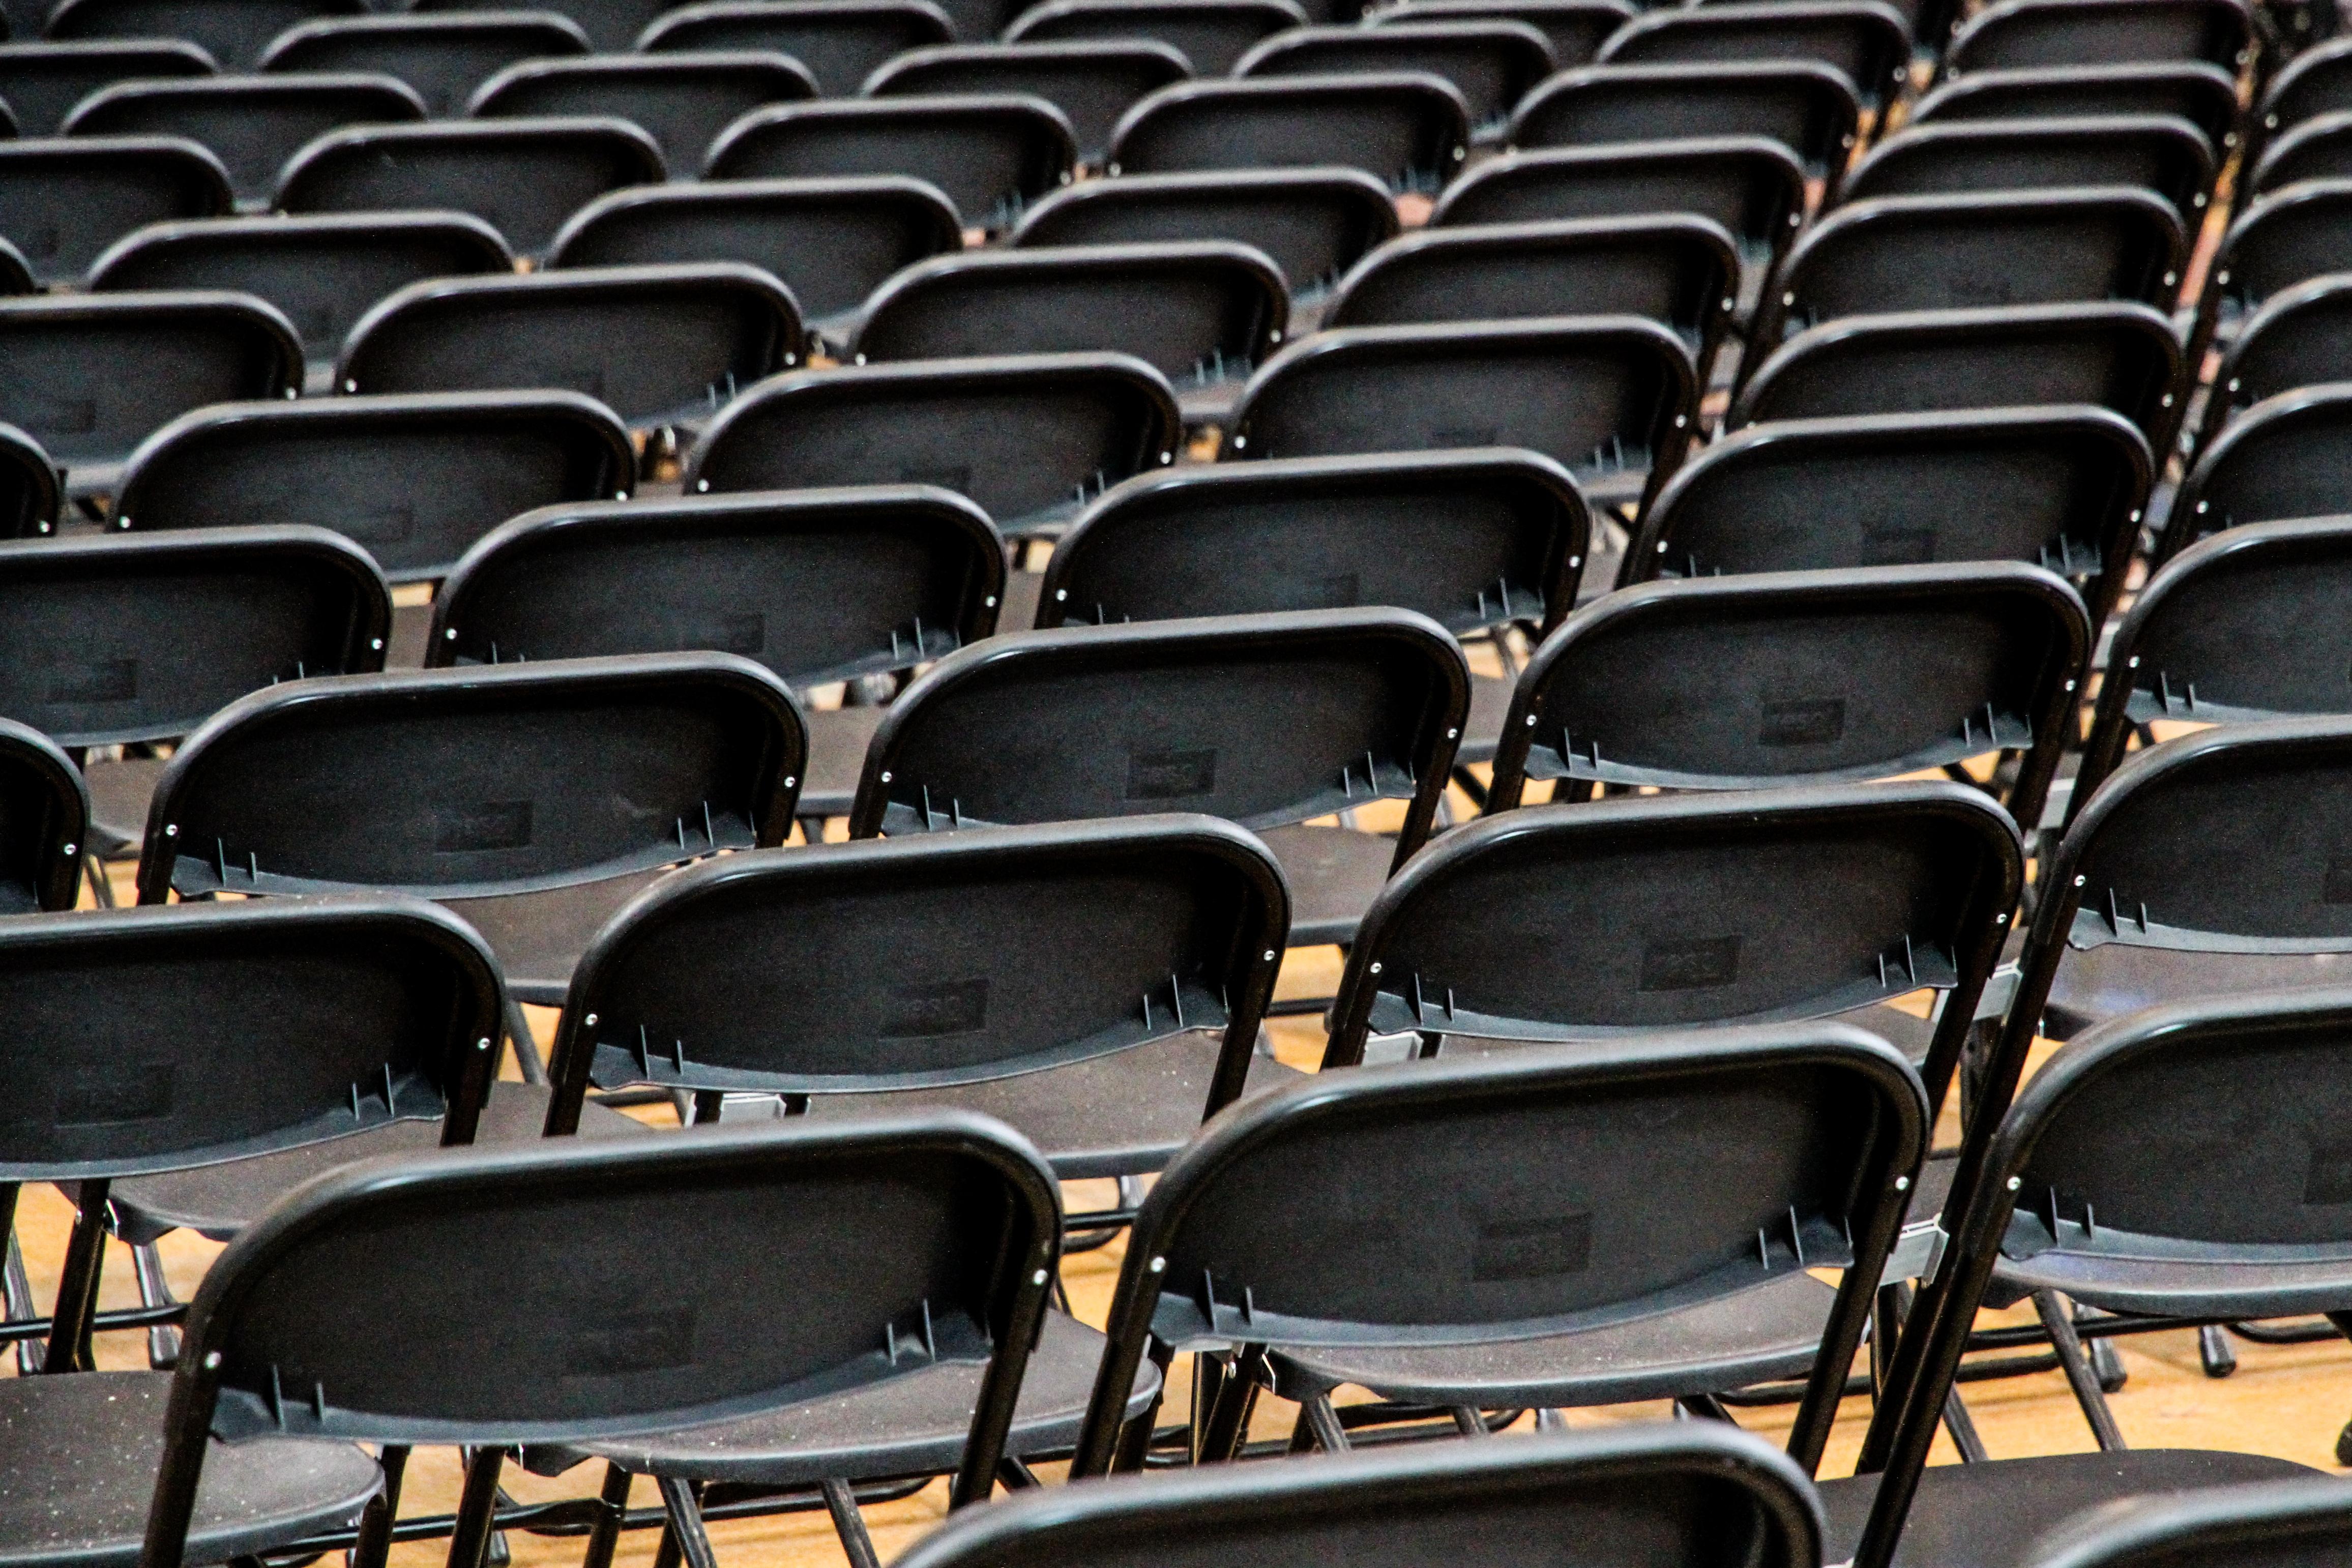 Free structure auditorium seat black furniture room